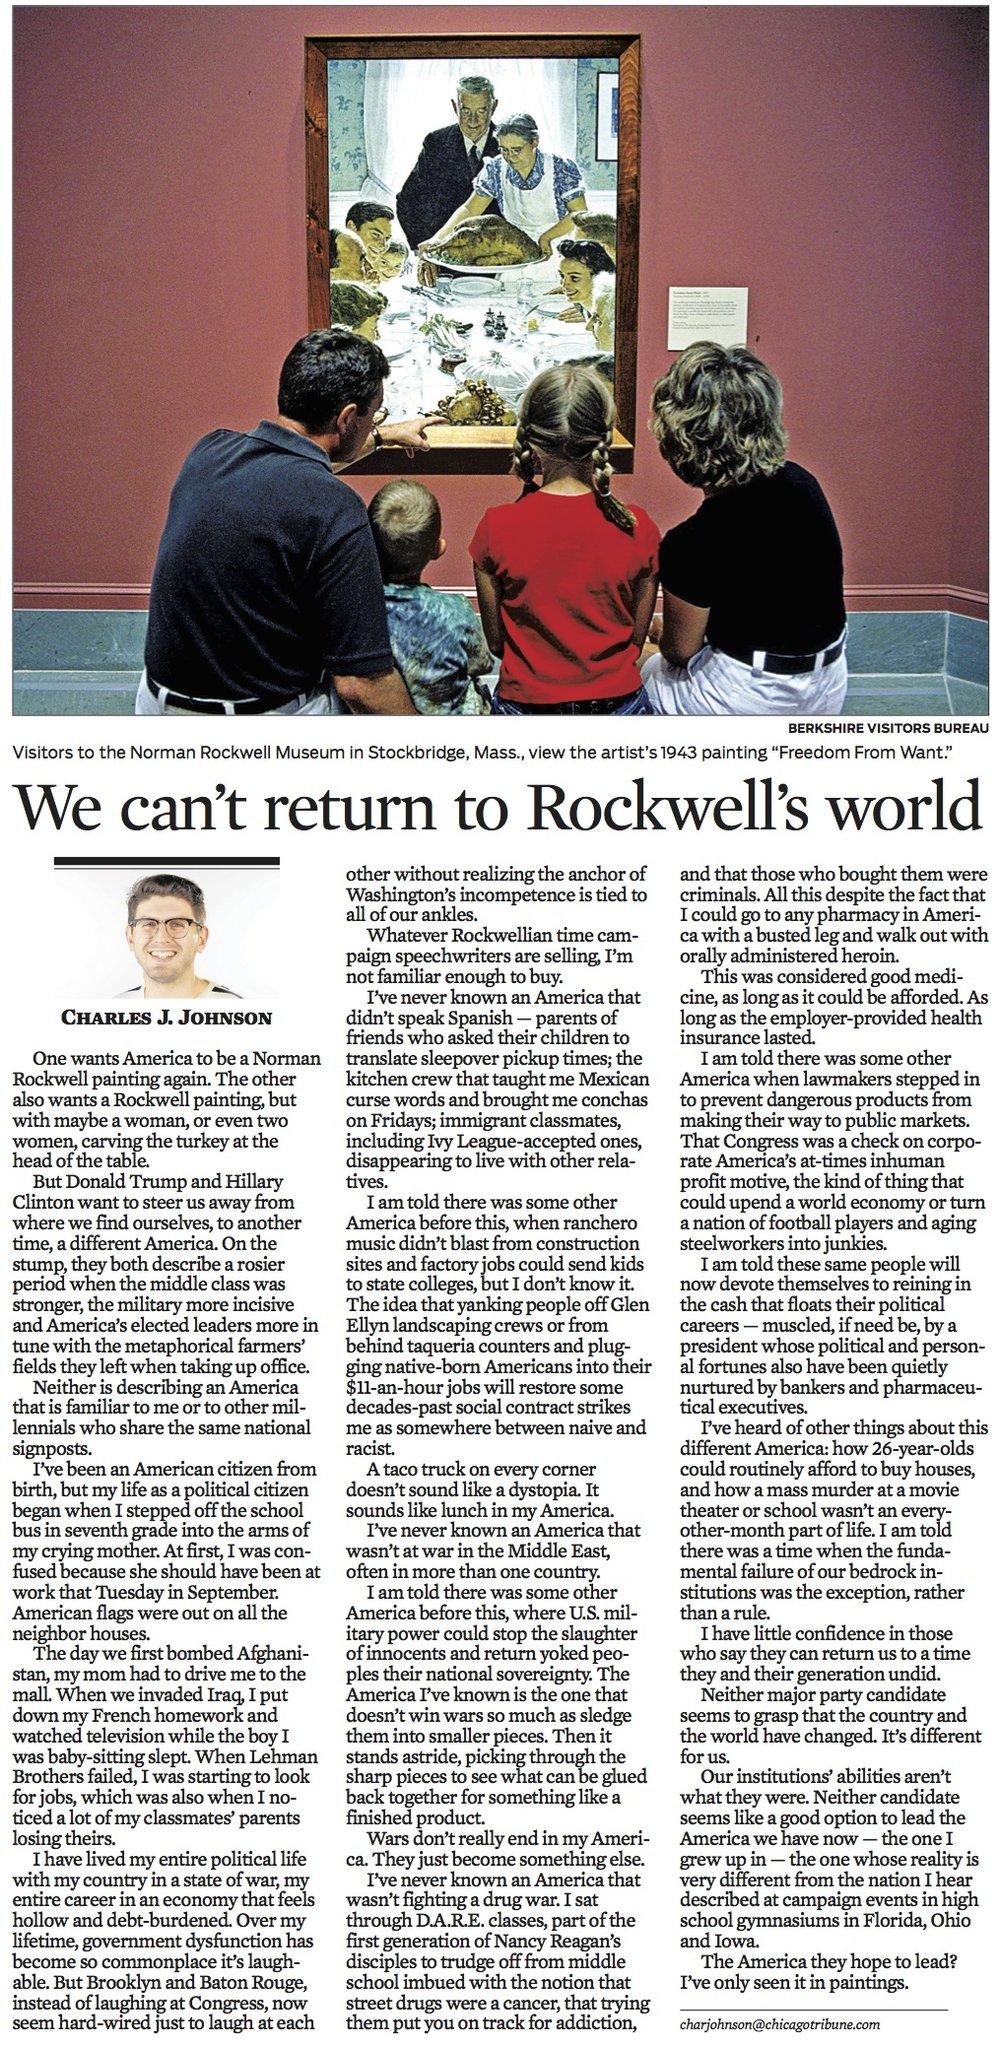 Chicago Tribune Sept. 25, 2016